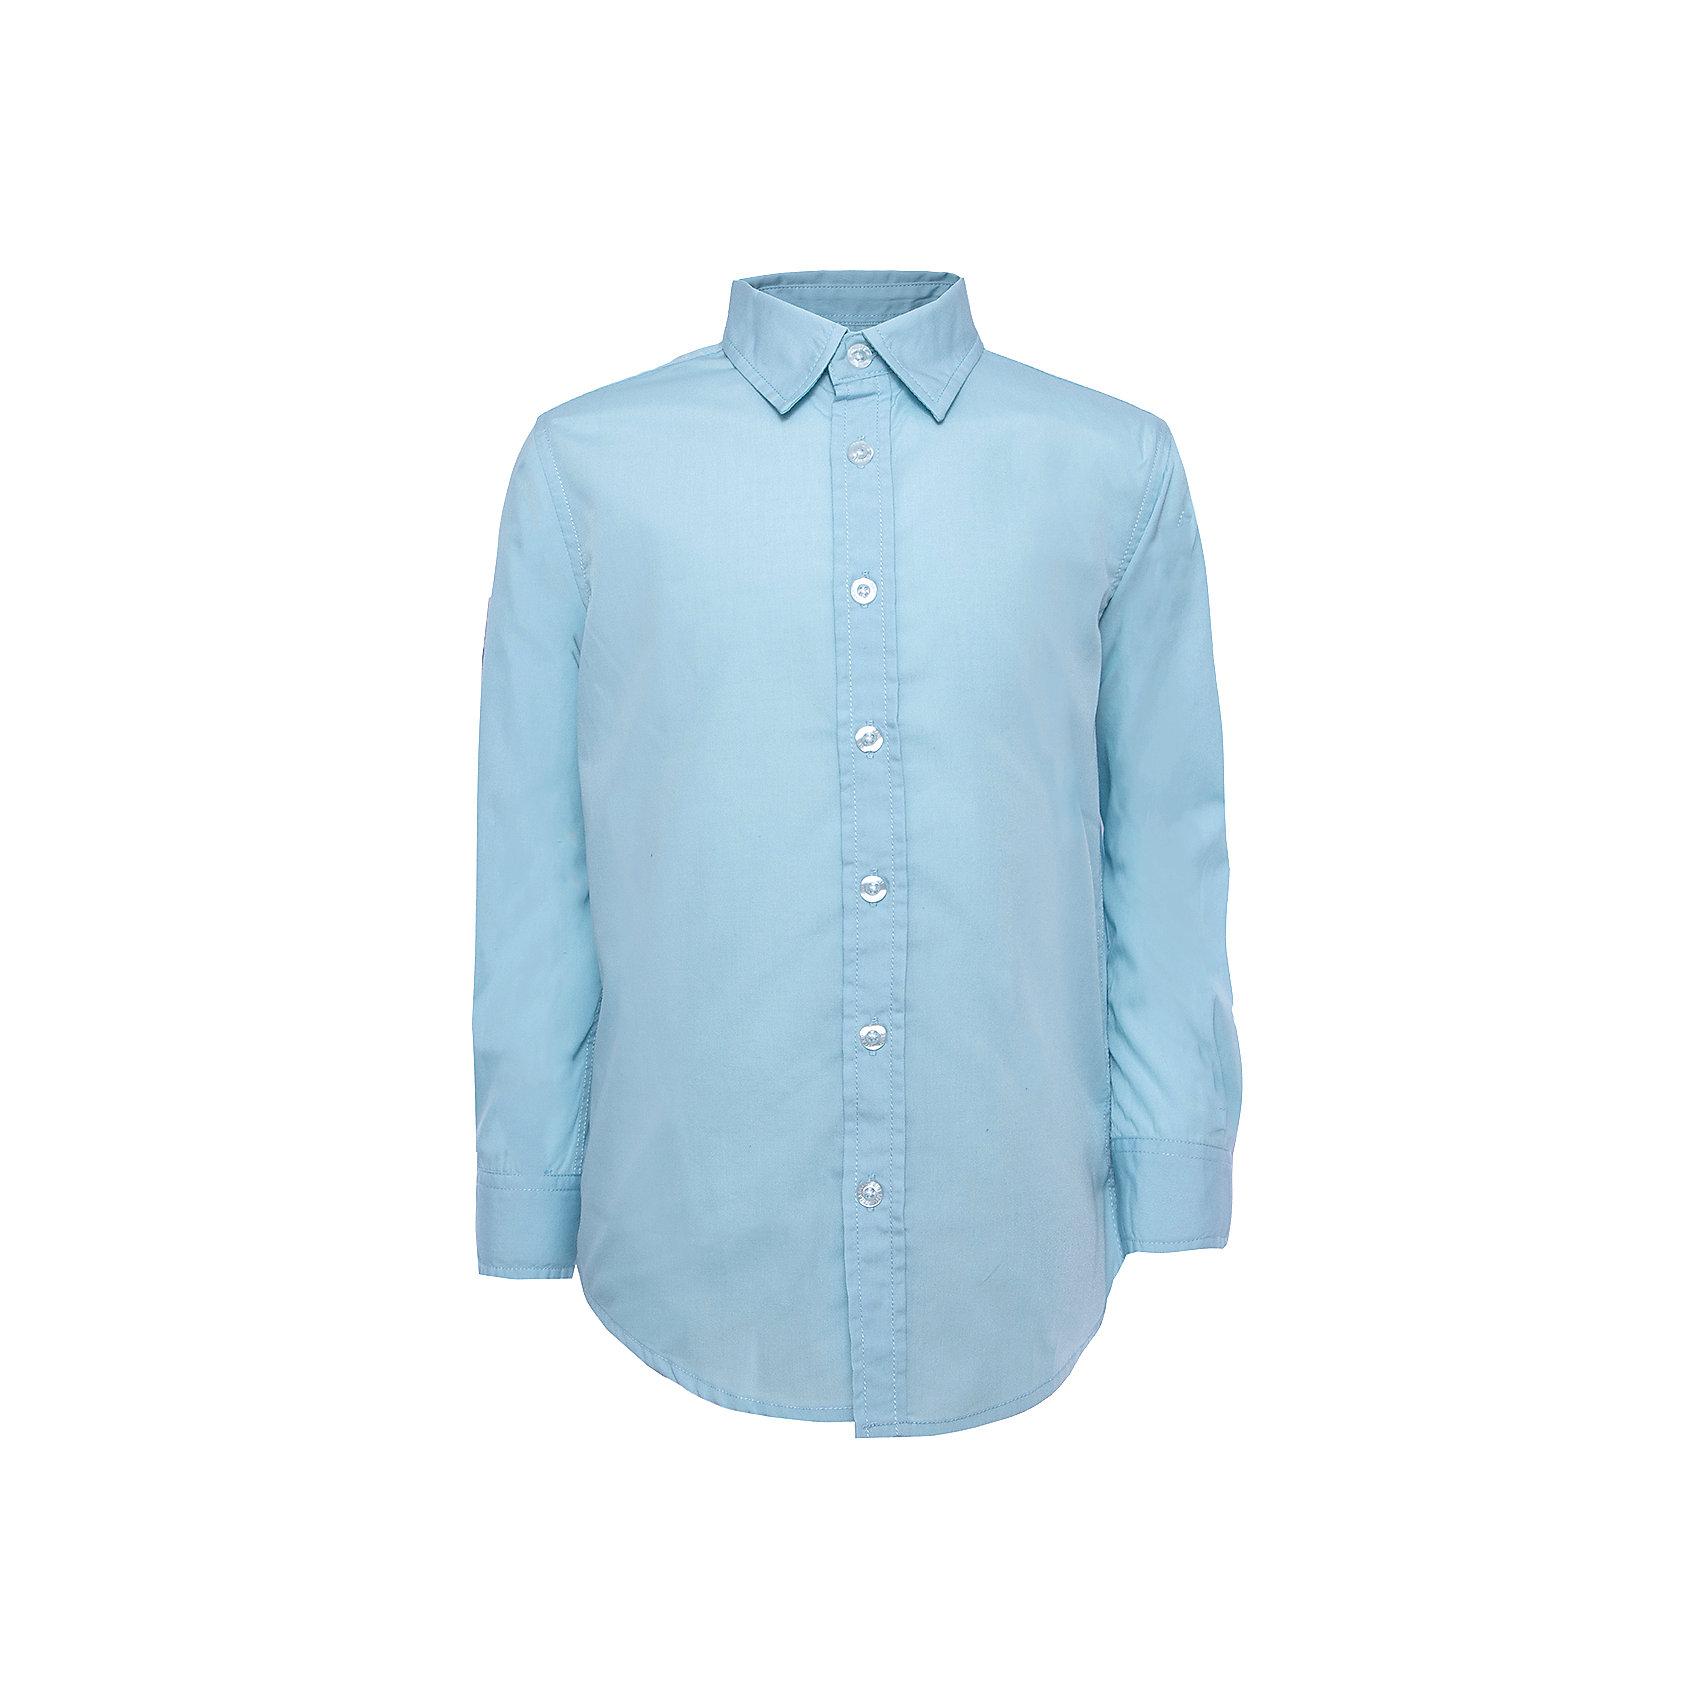 Рубашка для мальчика SELAРубашка - незаменимая вещь в гардеробе школьников. Эта модель отлично сидит на ребенке, она сделана из приятного на ощупь материала, мягкая и дышащая. Натуральный хлопок в составе ткани не вызывает аллергии и обеспечивает ребенку комфорт. Модель станет отличной базовой вещью, которая будет уместна в различных сочетаниях.<br>Одежда от бренда Sela (Села) - это качество по приемлемым ценам. Многие российские родители уже оценили преимущества продукции этой компании и всё чаще приобретают одежду и аксессуары Sela.<br><br>Дополнительная информация:<br><br>материал: 65% полиэстер, 35% хлопок;<br>рукава длинные;<br>застежки - пуговицы.<br><br>Рубашку для мальчика от бренда Sela можно купить в нашем интернет-магазине.<br><br>Ширина мм: 174<br>Глубина мм: 10<br>Высота мм: 169<br>Вес г: 157<br>Цвет: голубой<br>Возраст от месяцев: 132<br>Возраст до месяцев: 144<br>Пол: Мужской<br>Возраст: Детский<br>Размер: 152,116,146,140,134,128,122<br>SKU: 4883533